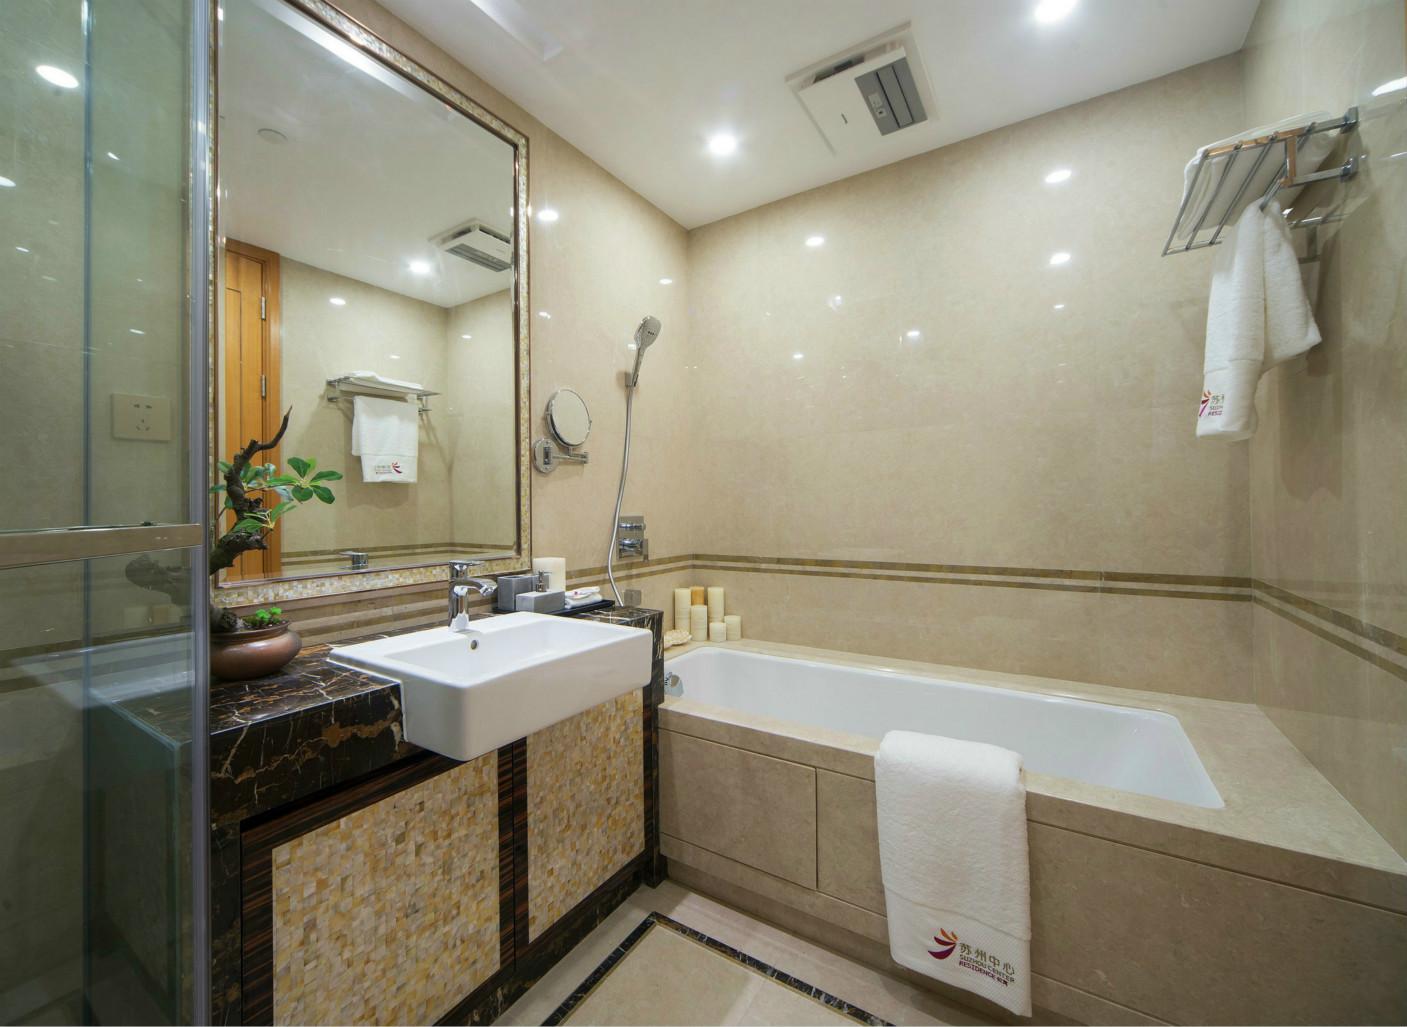 卫生间以白色为主干净整洁,透气且美观。